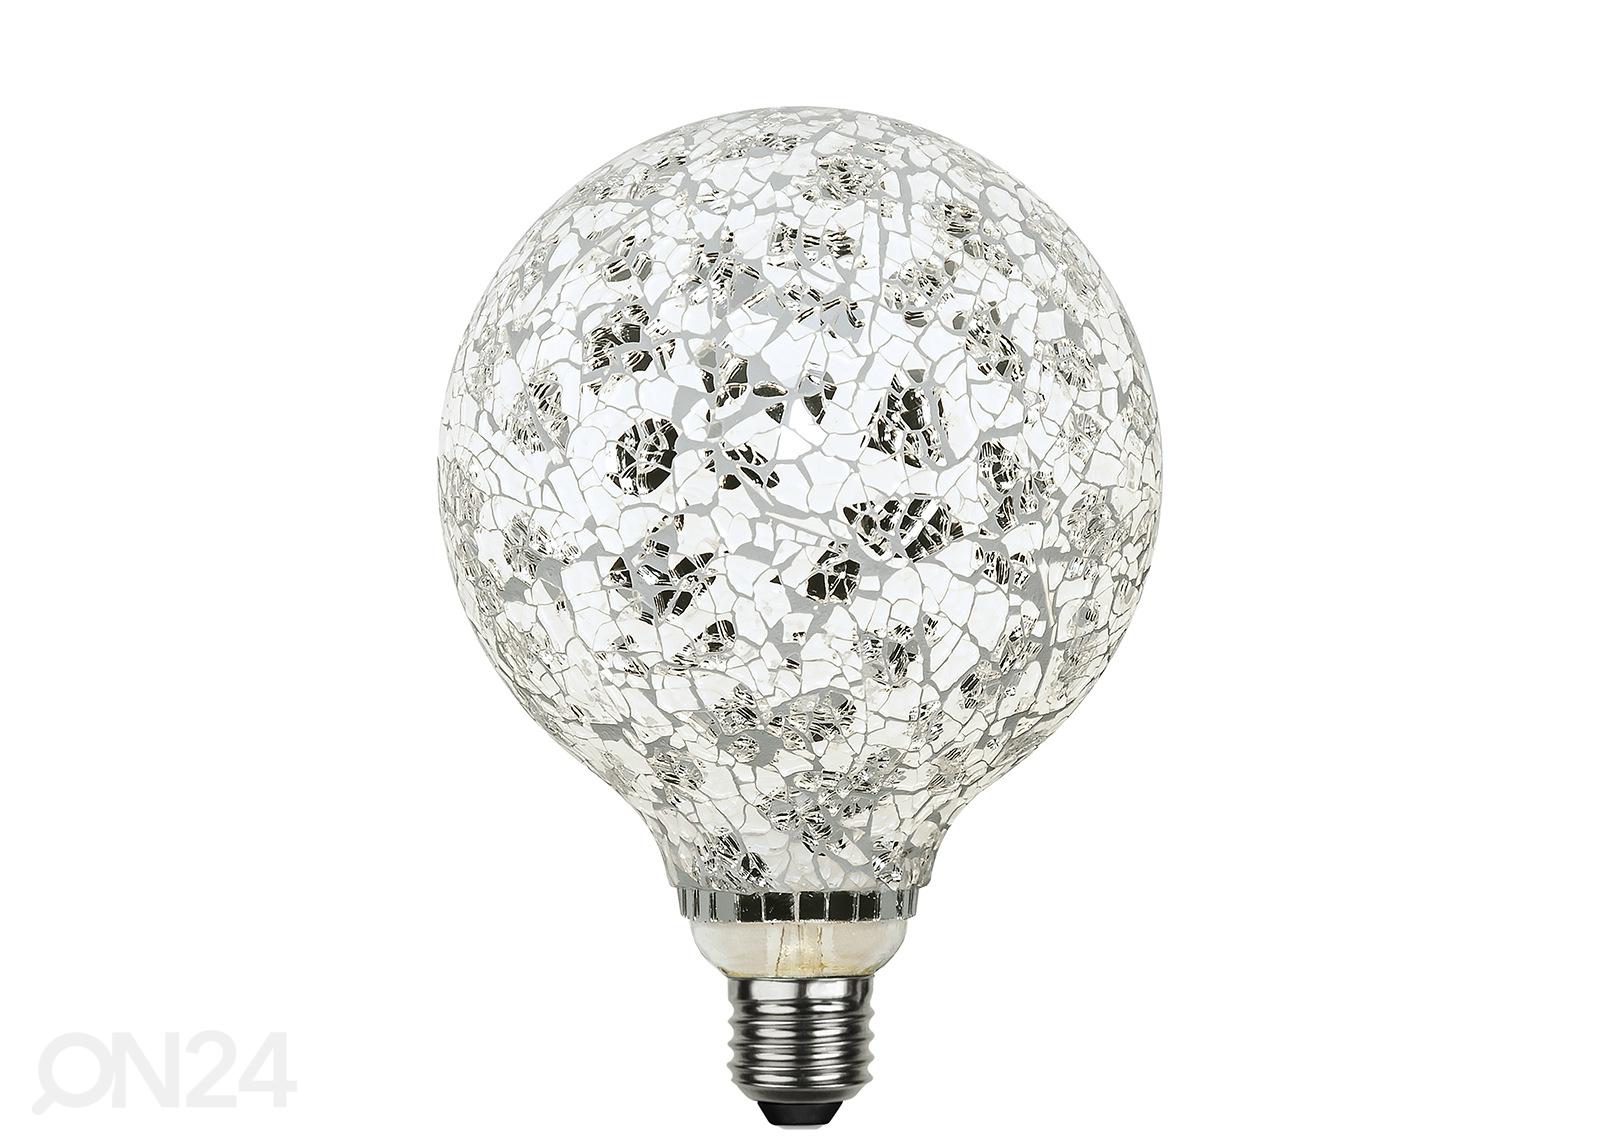 27629f1f937 Dekoratiivne LED pirn E27 4 W AA-142567 - ON24 Sisustuskaubamaja